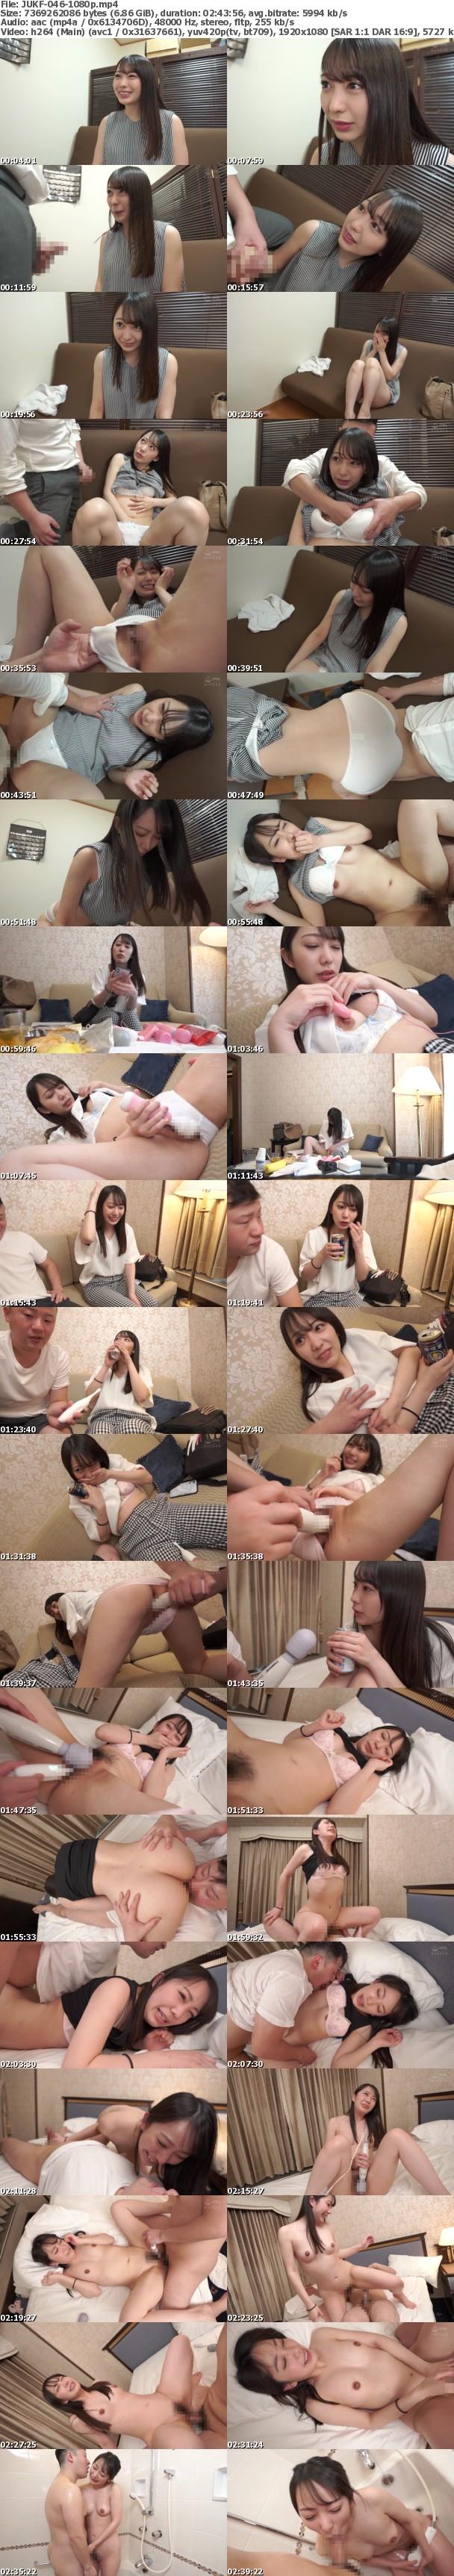 (Full HD) JUKF-046 AVの撮影現場にやってきた美人メイクさんと超濃厚交尾 弥生さん 弥生みづき